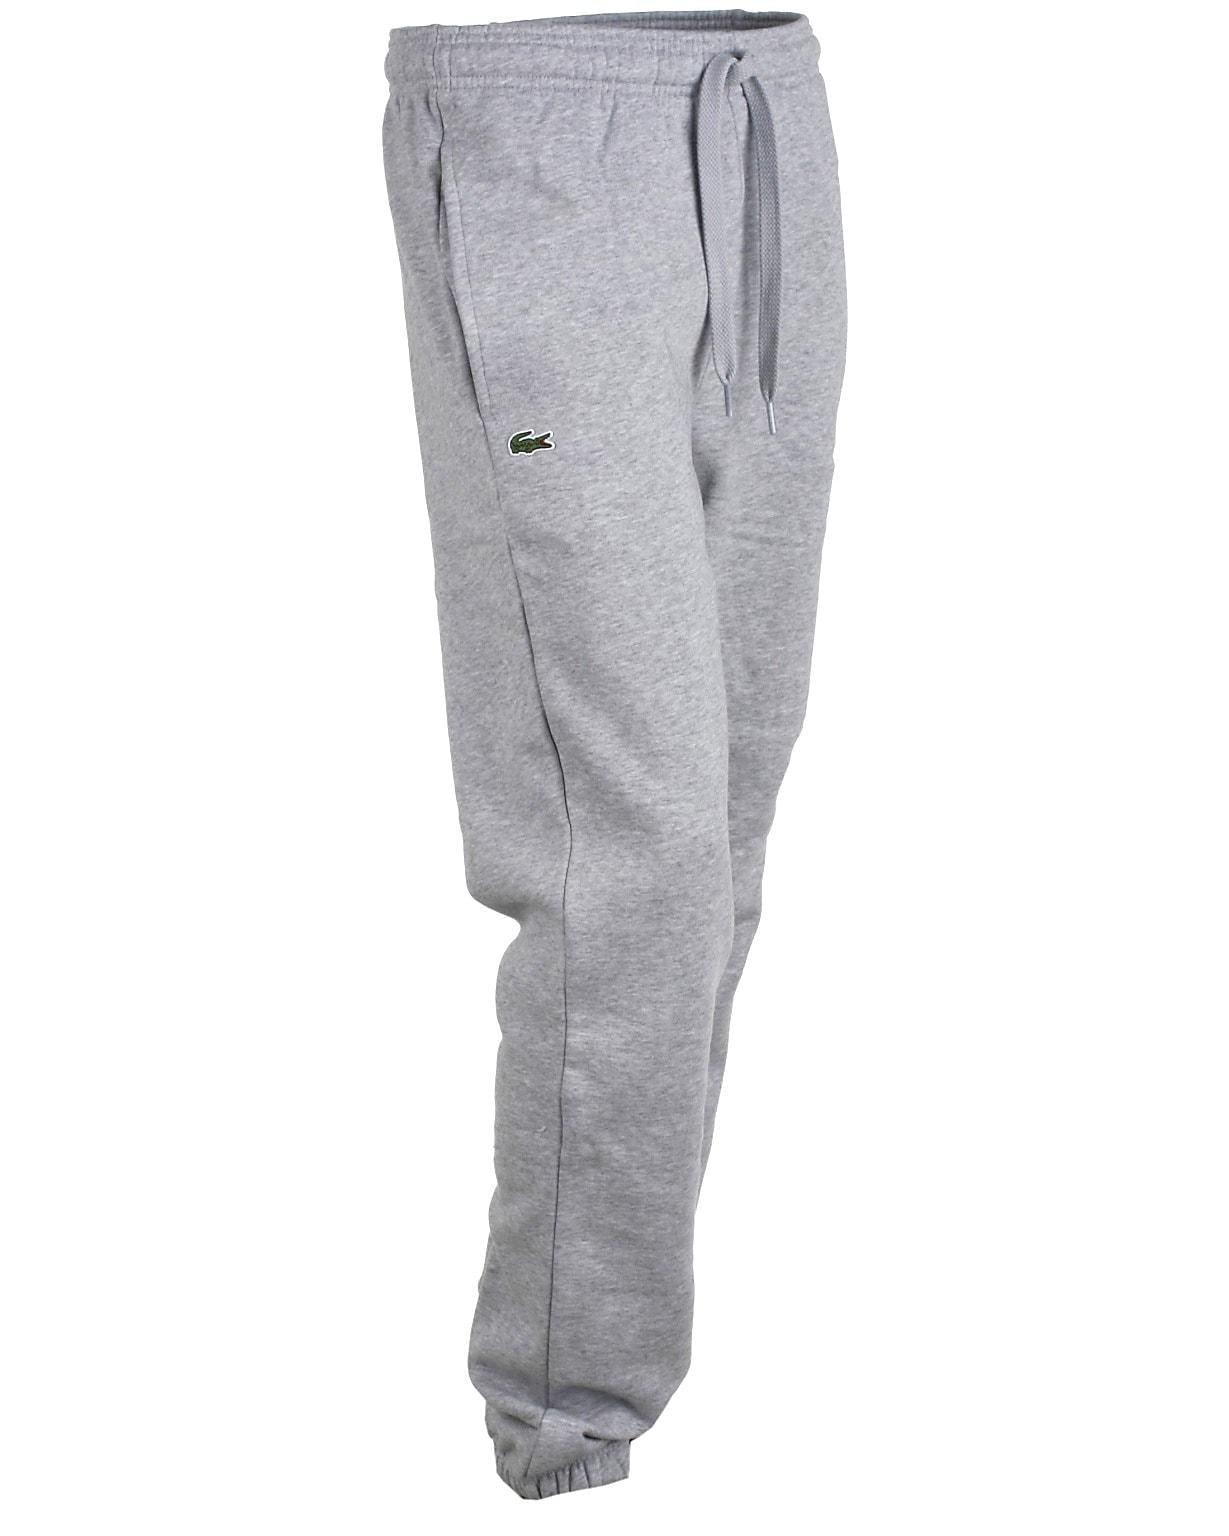 Image of Lacoste sweat pants, grå